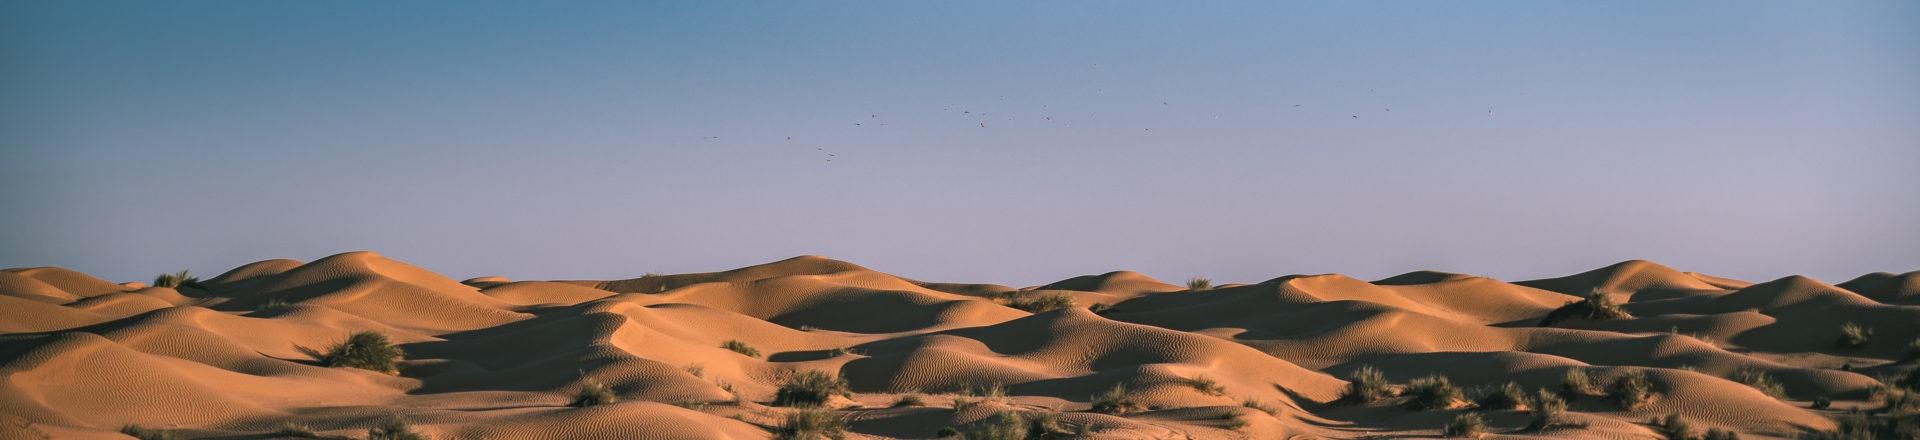 Dunes de ksar ghilane en Tunisie